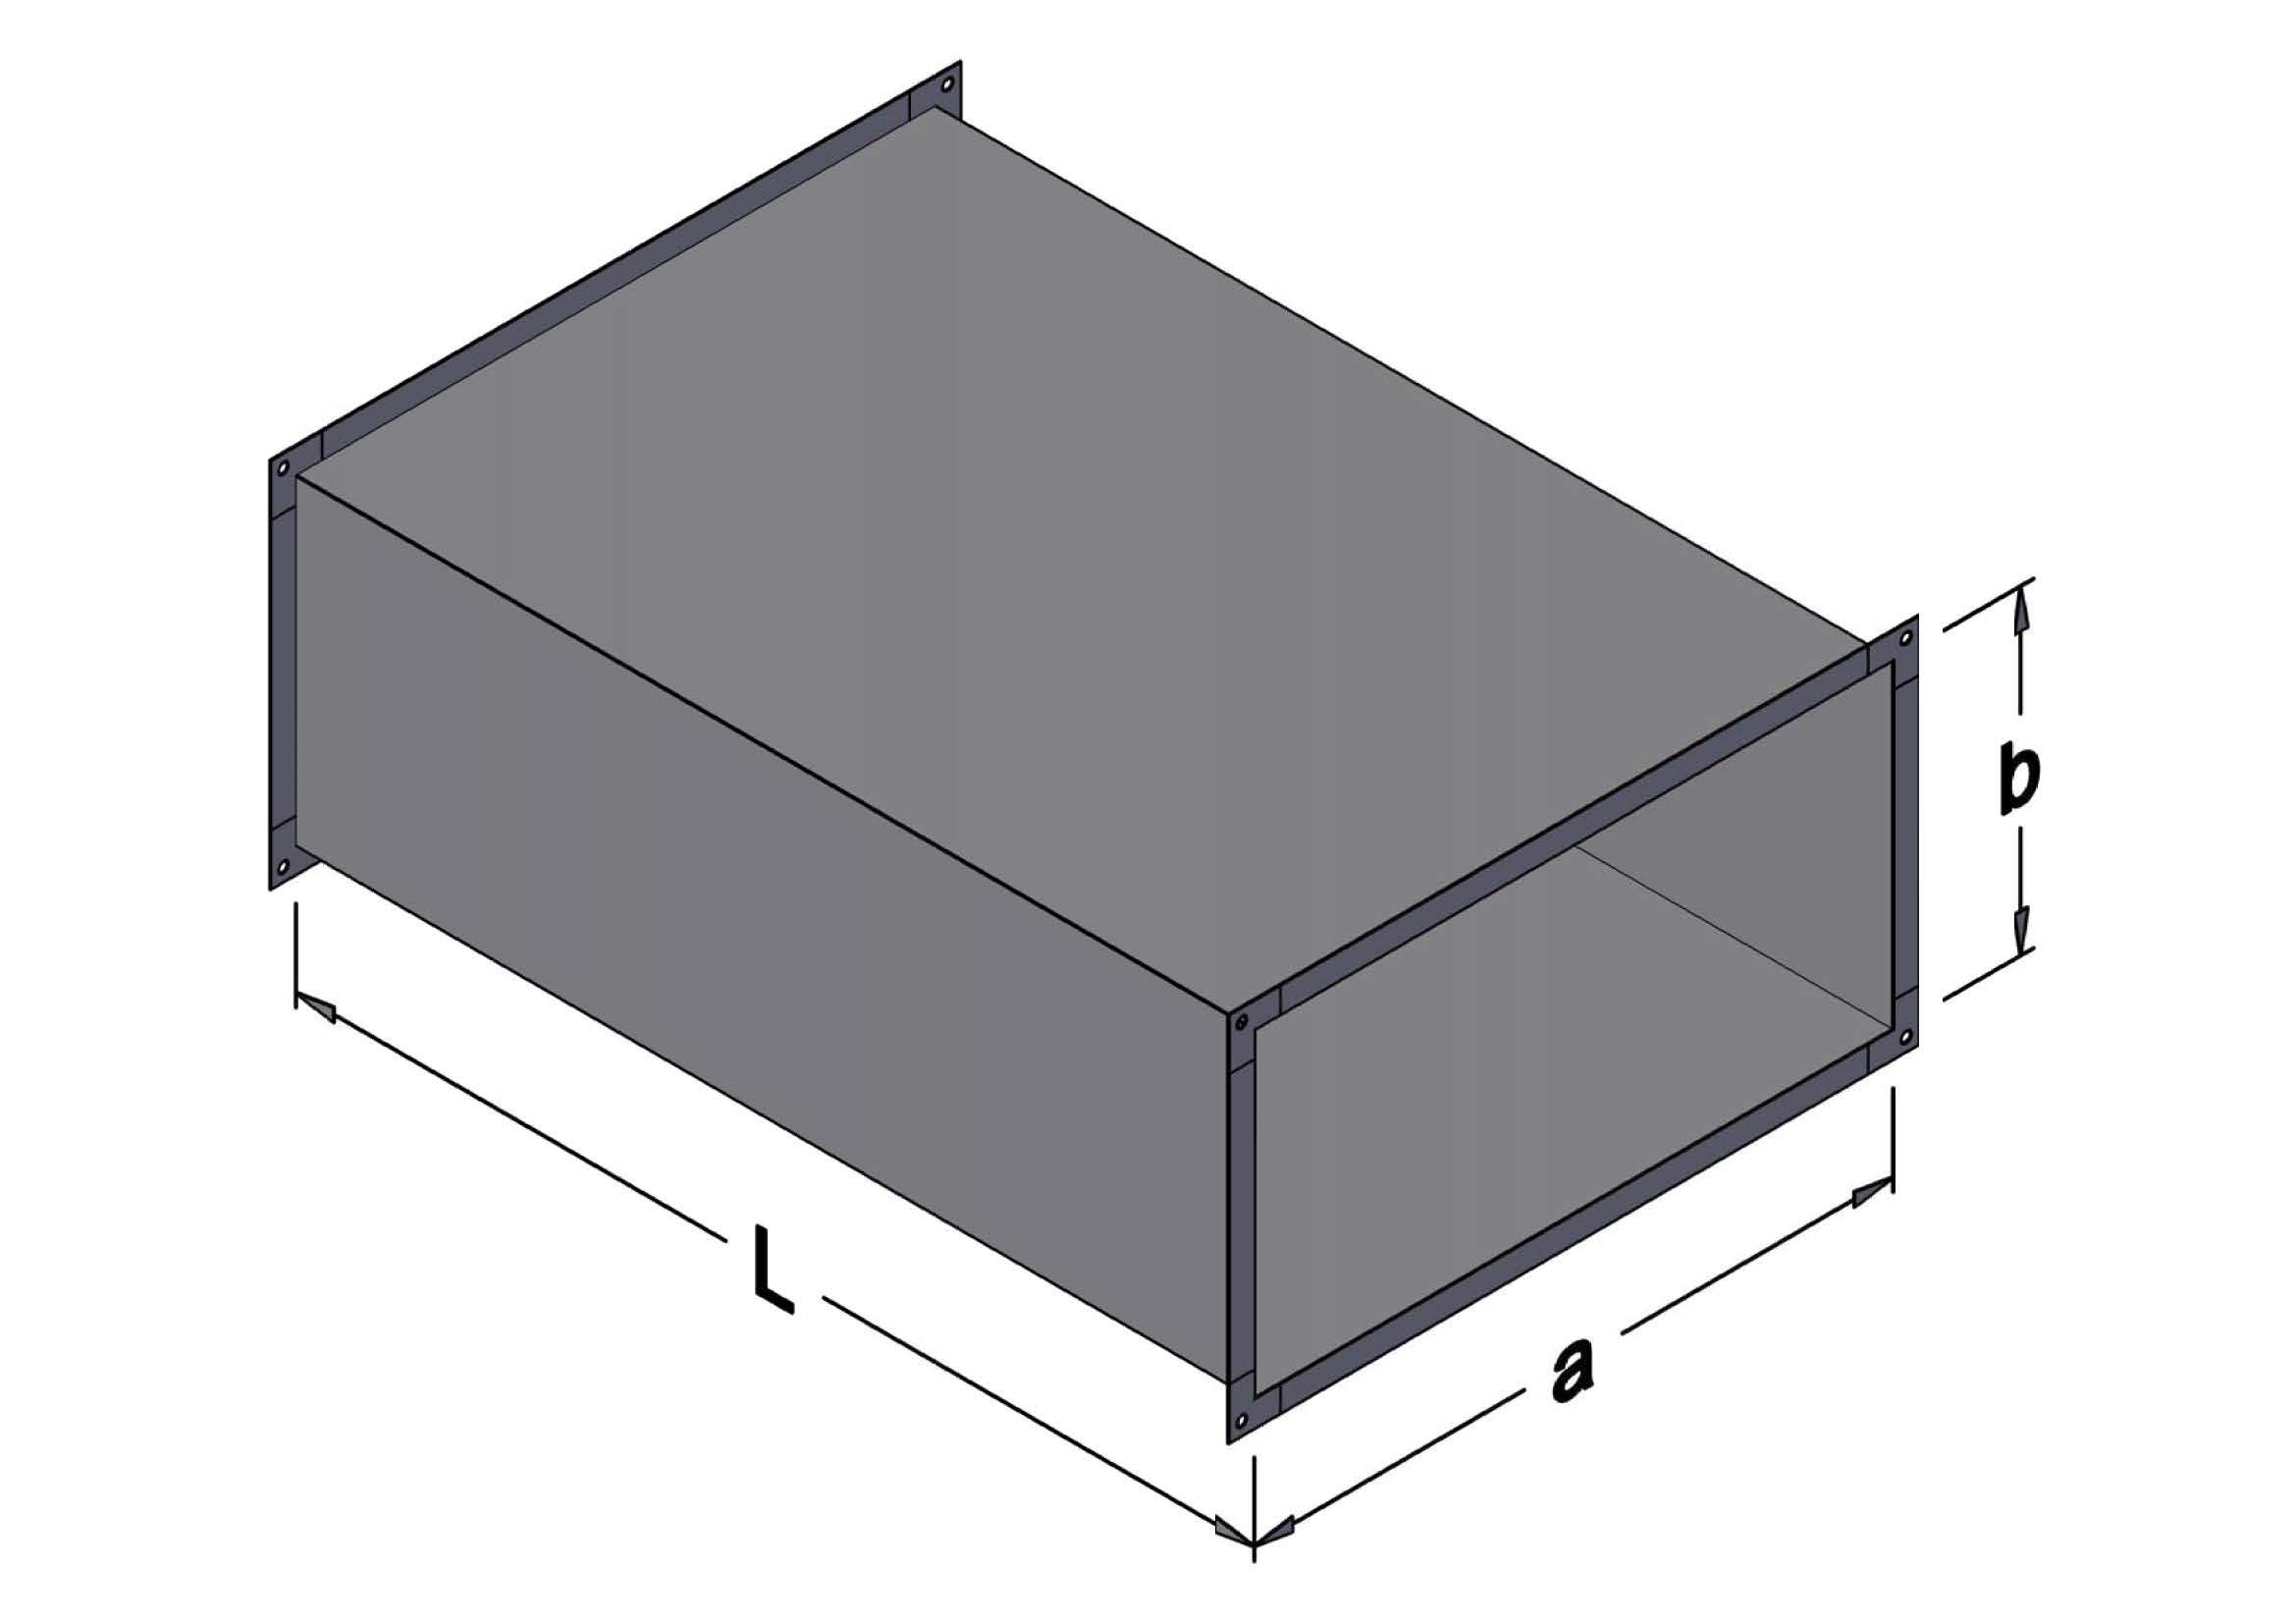 luftkanal rechteckig klimaanlage und heizung zu hause. Black Bedroom Furniture Sets. Home Design Ideas